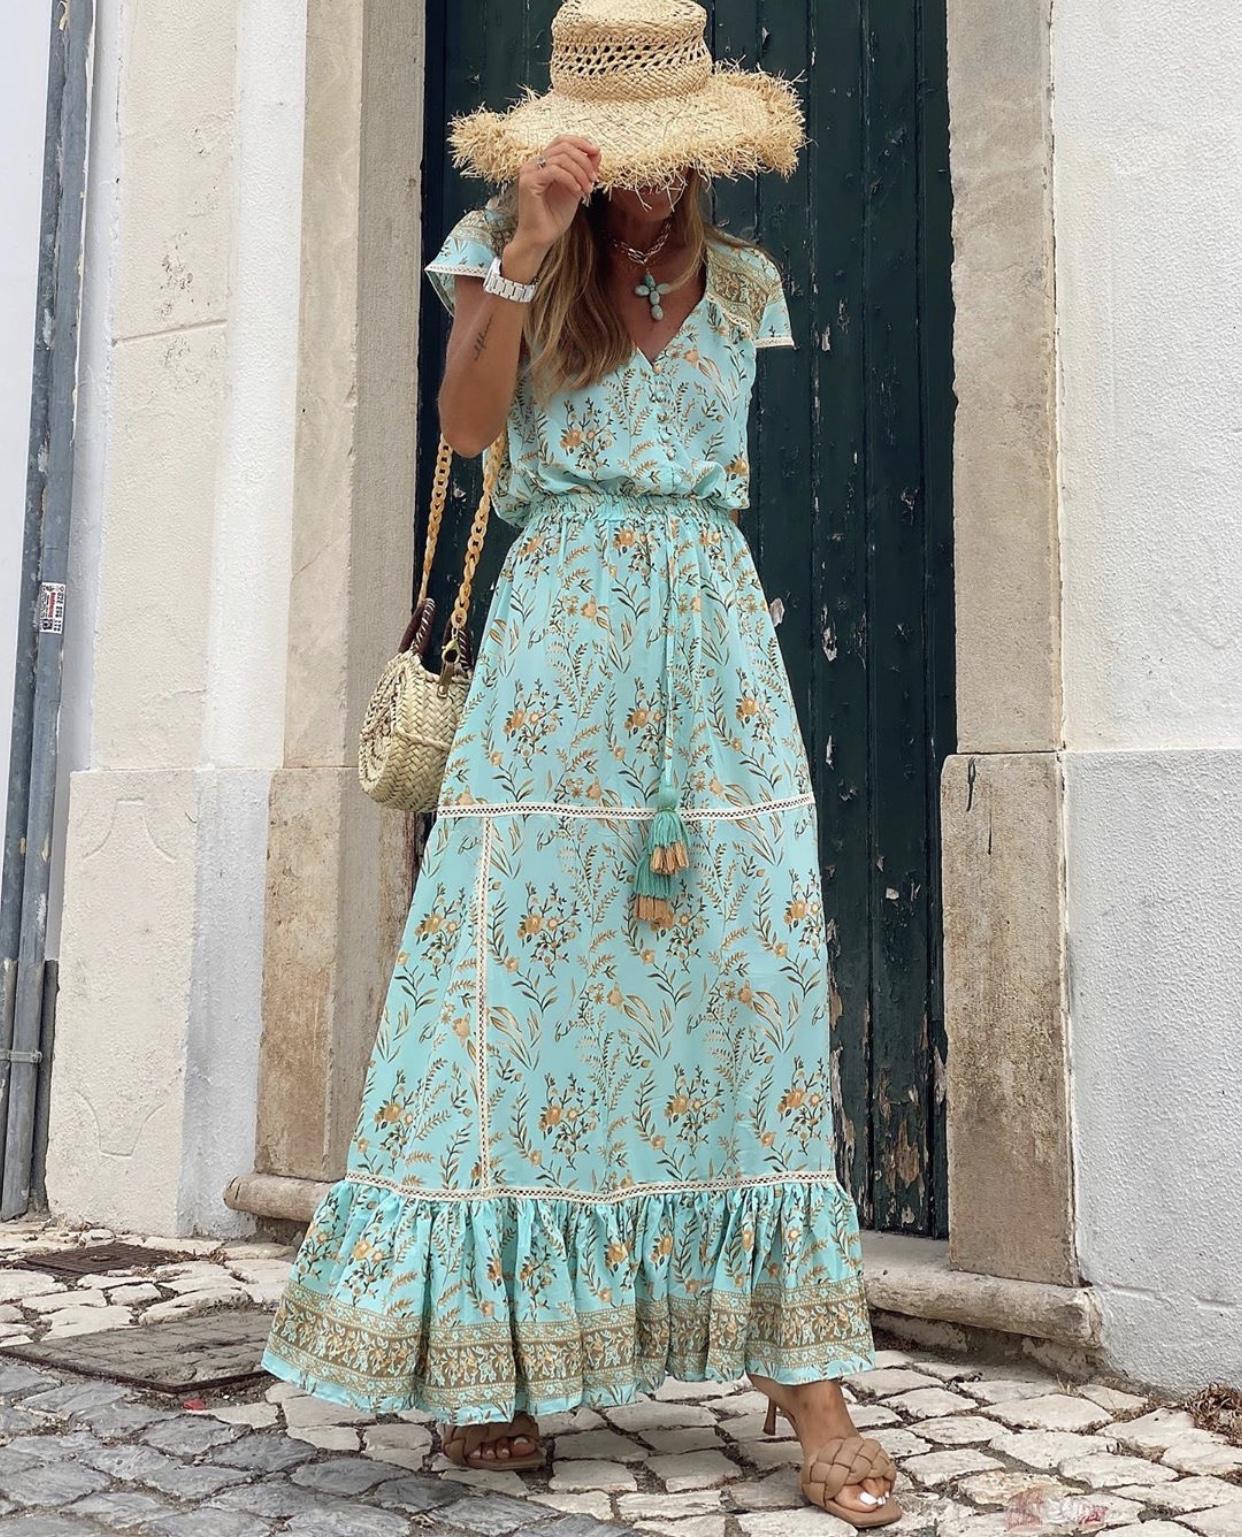 Vestido Turquoise (Ref.4108)